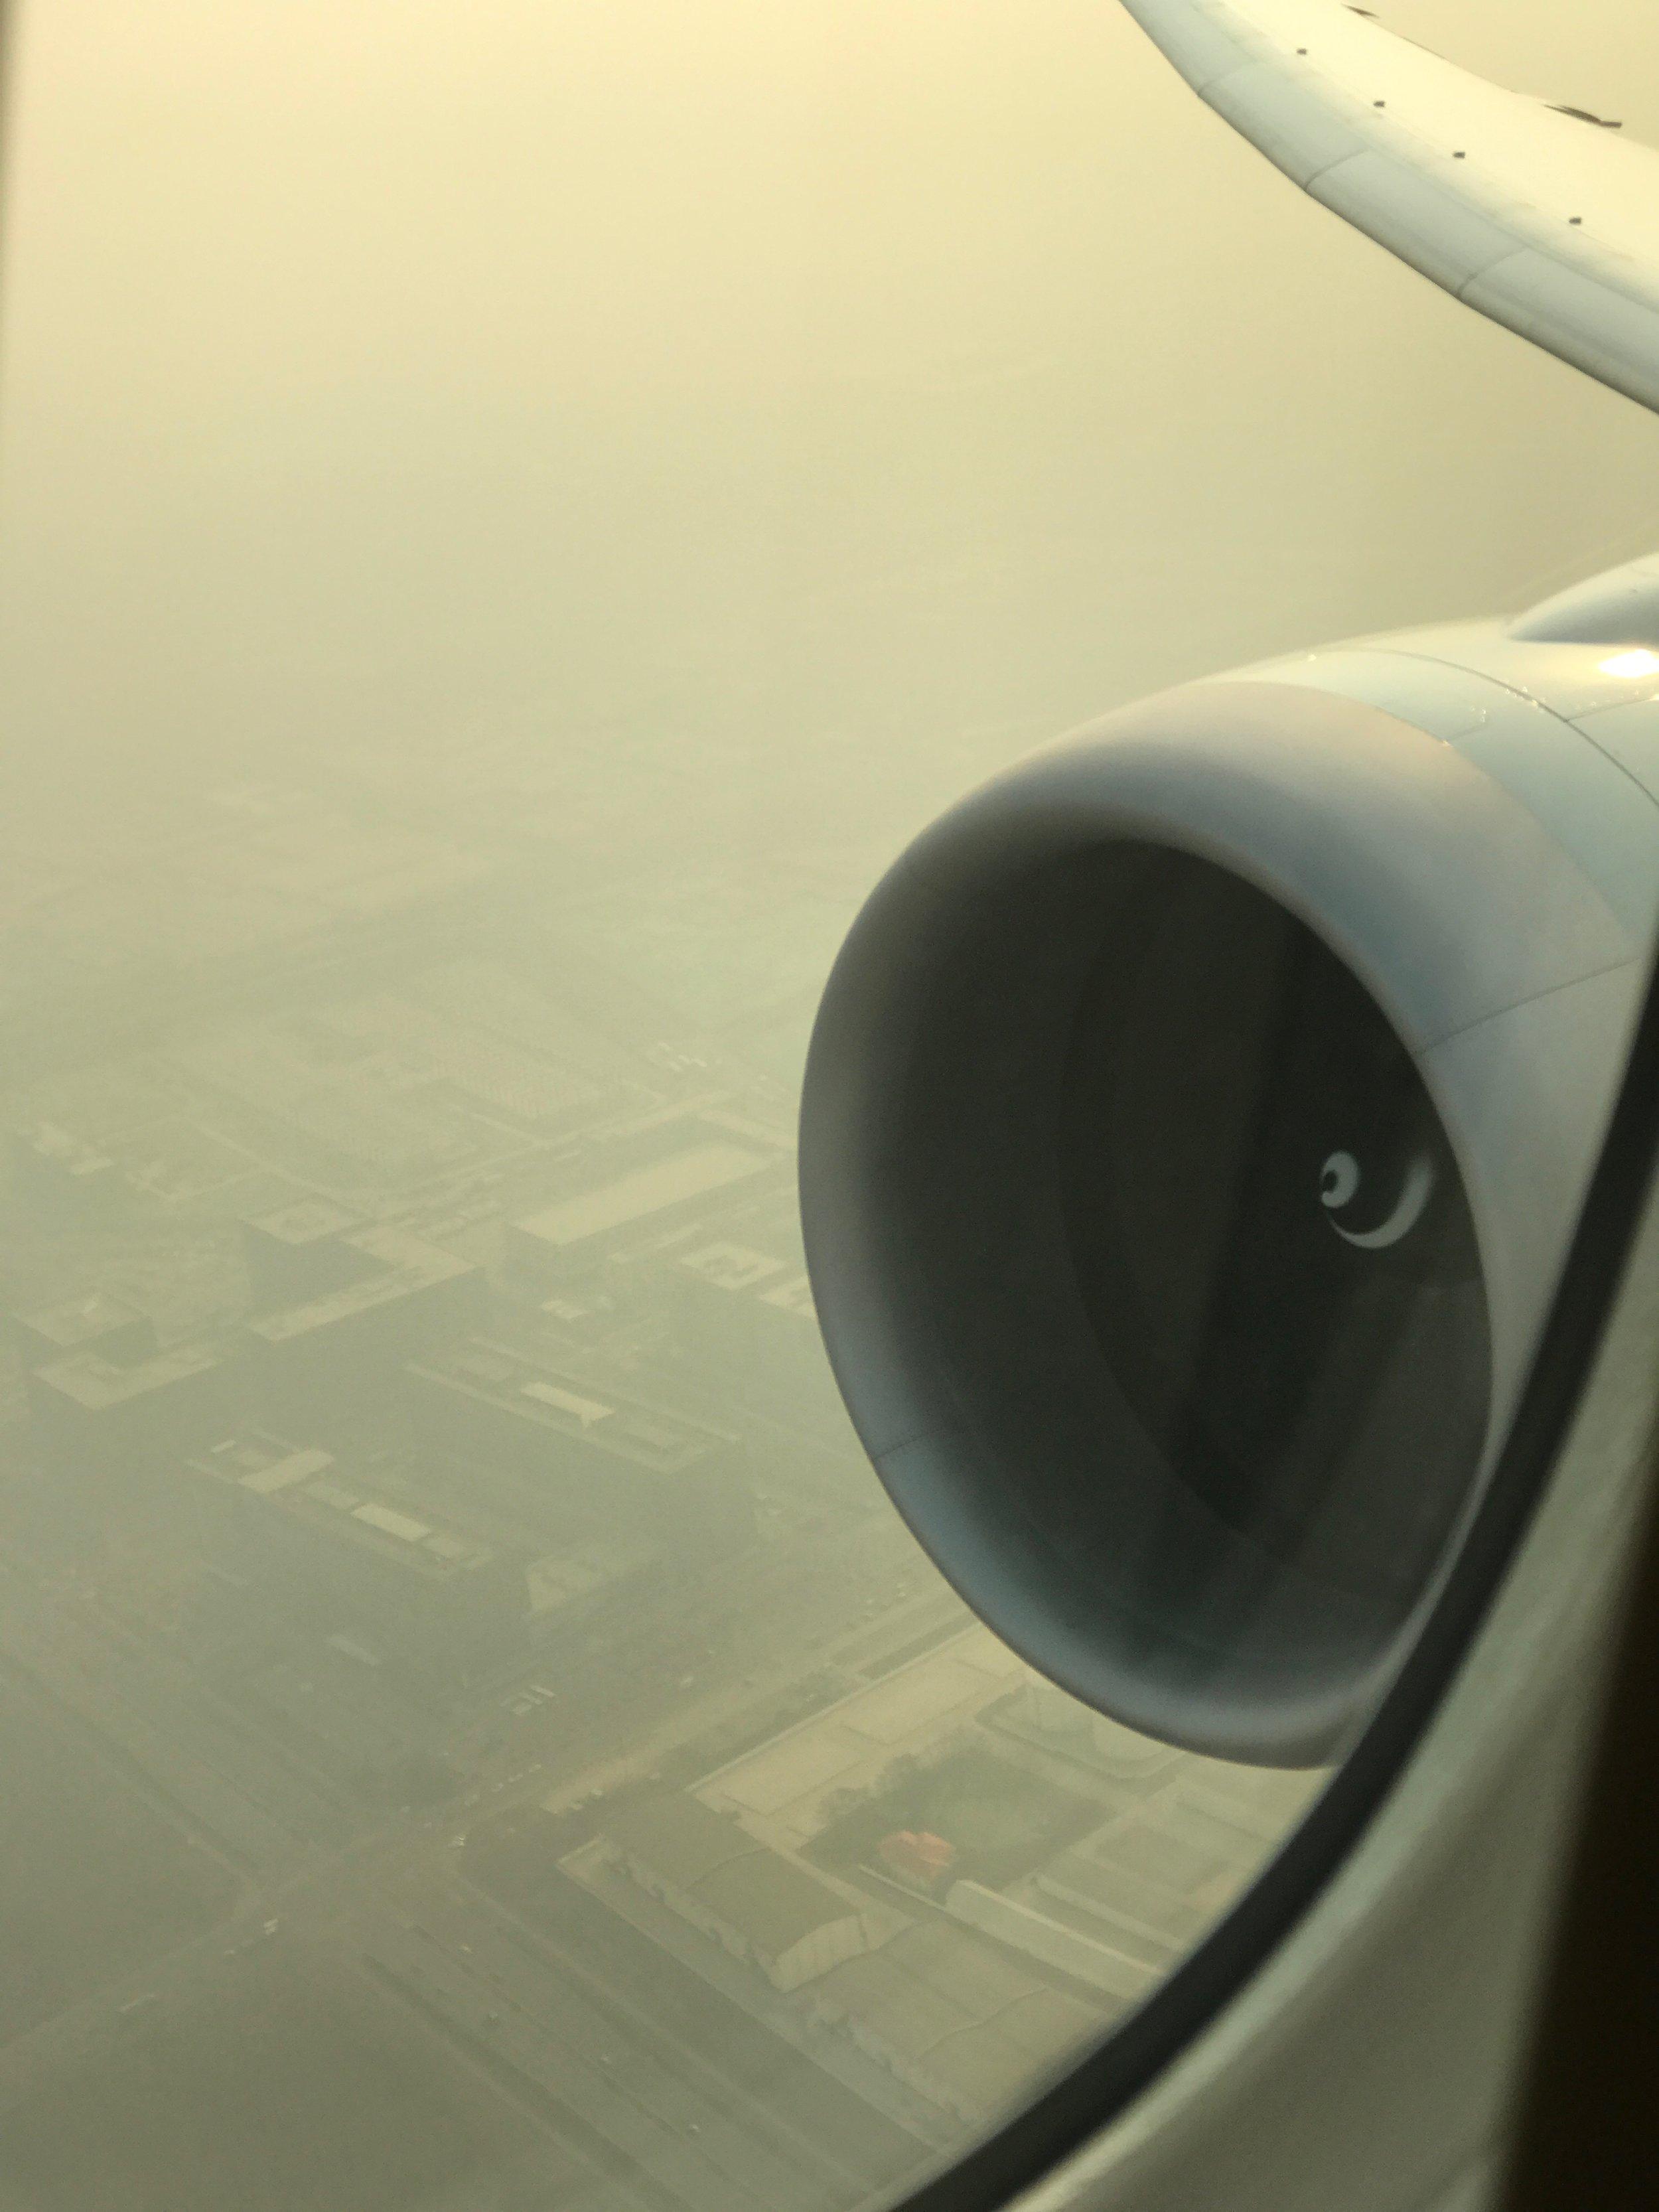 Takeoff through the smog